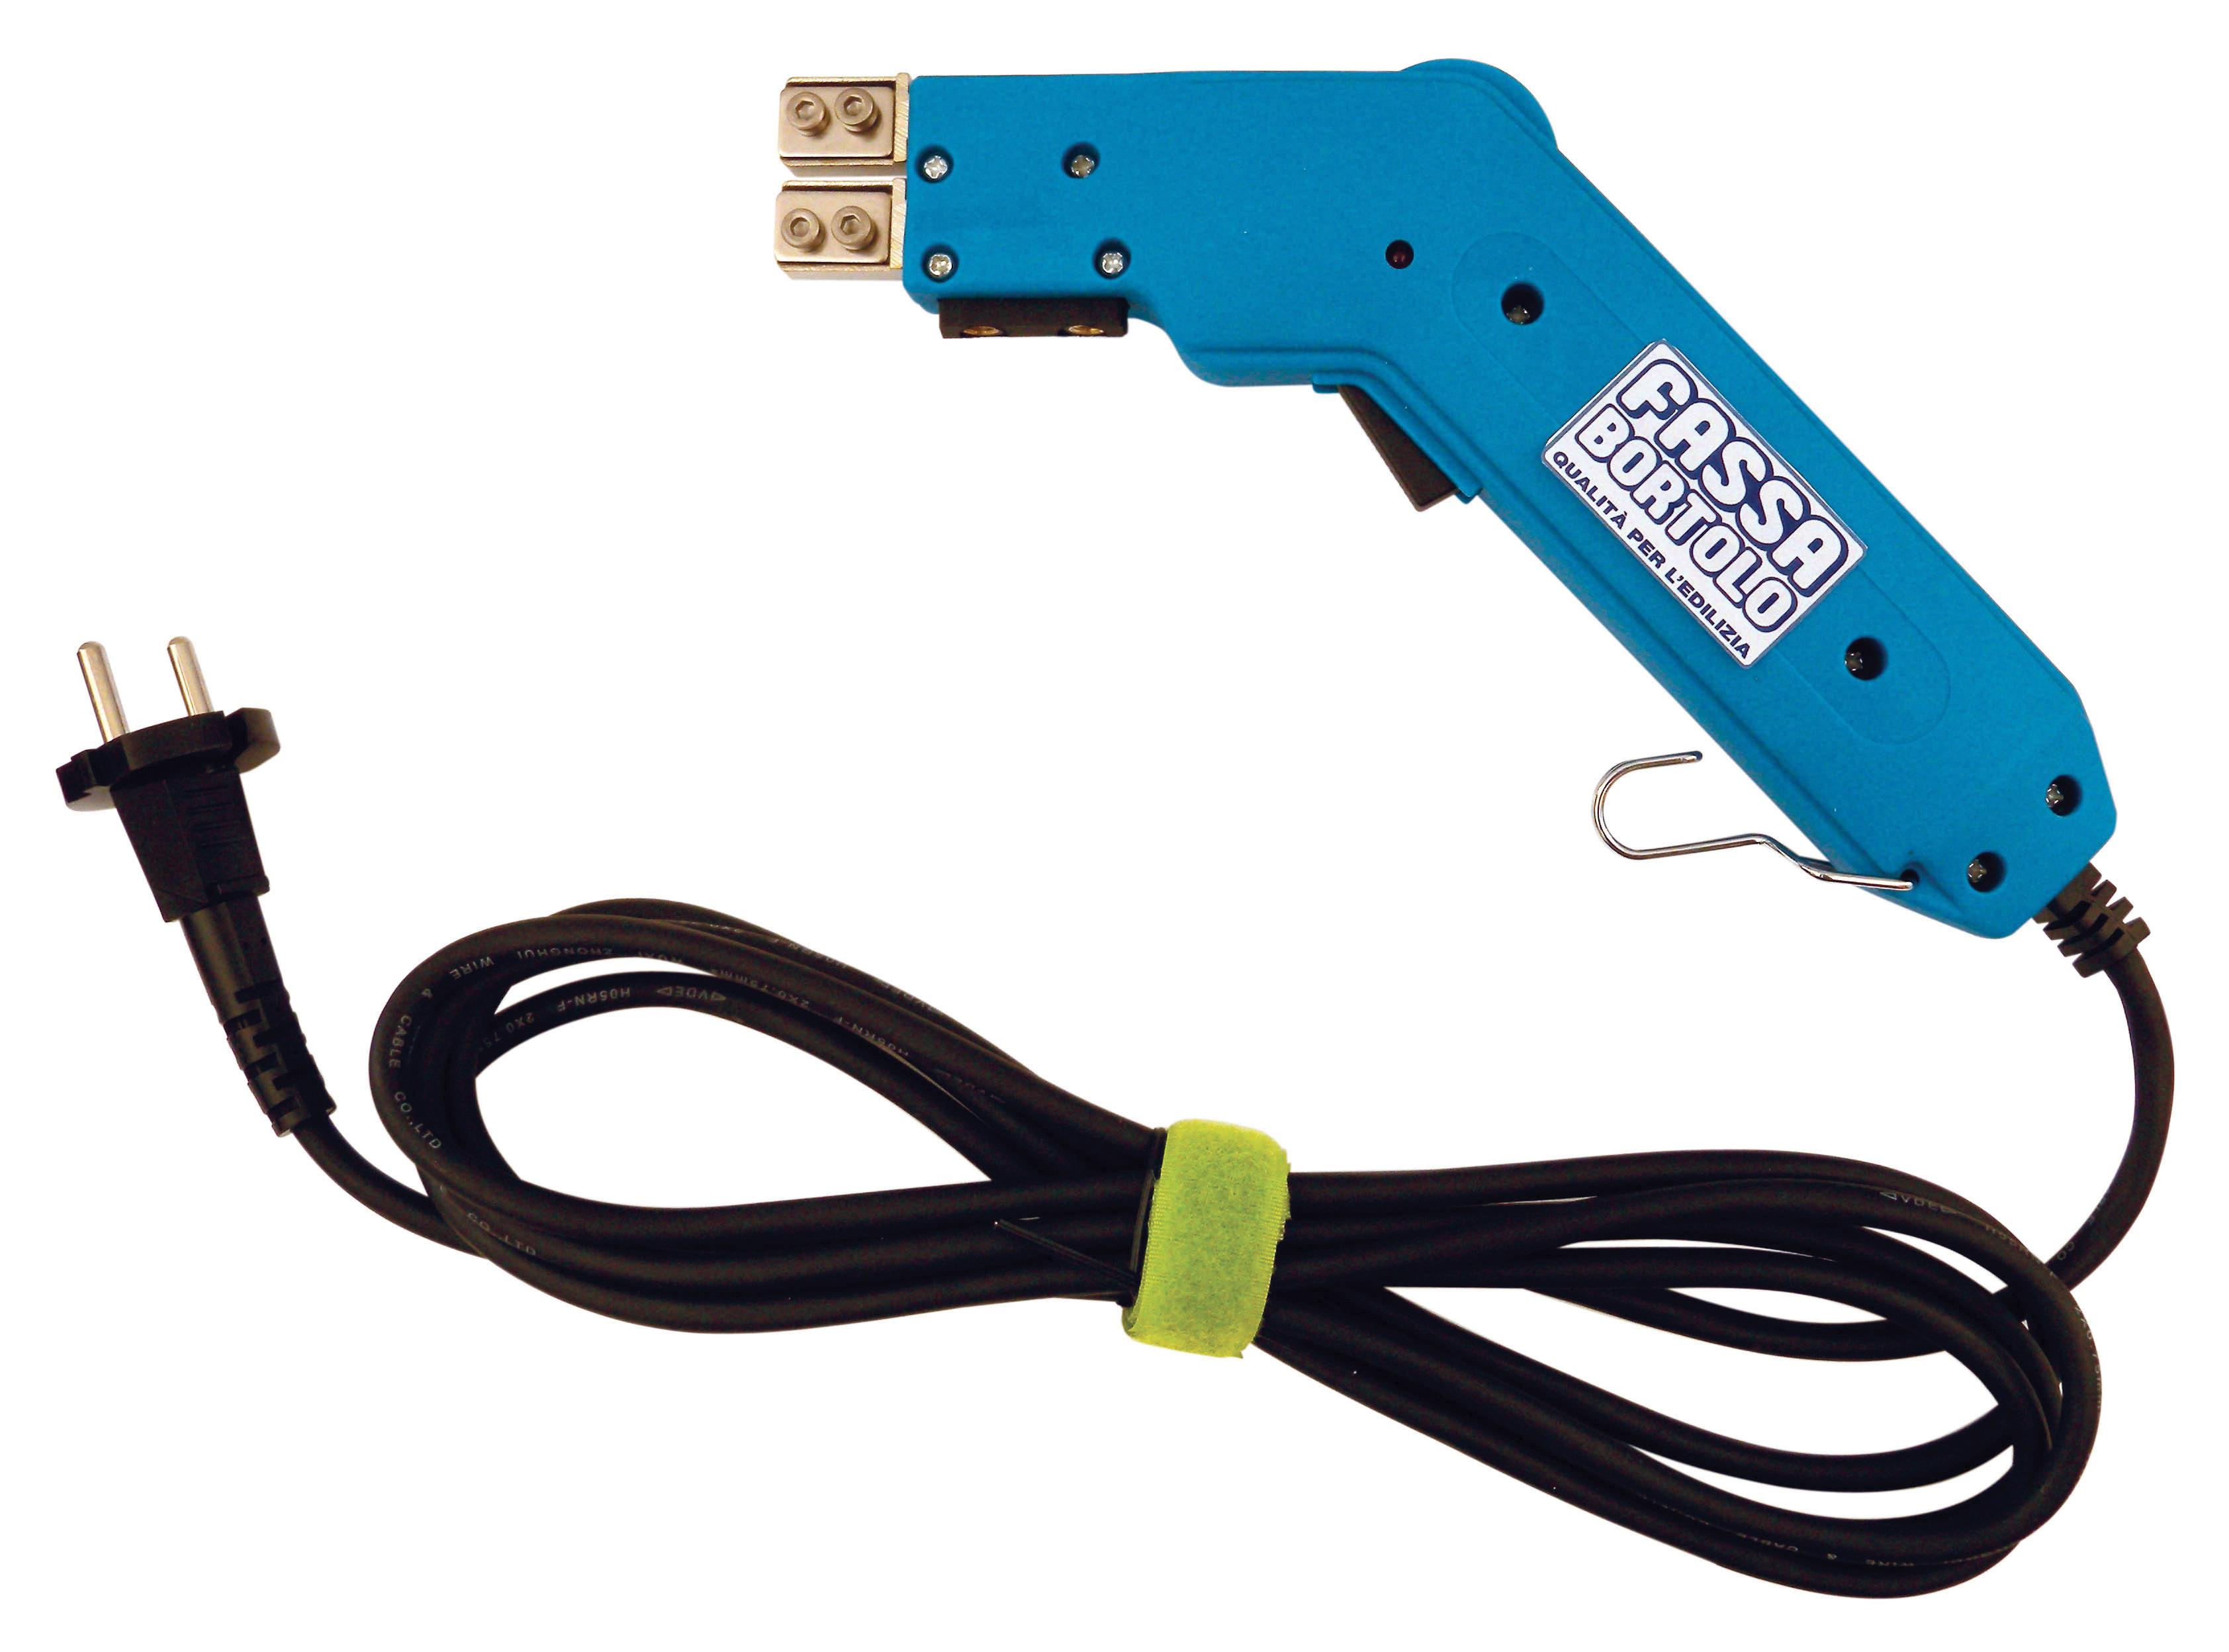 MÁQUINA MINICUT E ACESSÓRIOS: Máquina de corte para pequenos cortes em placas de EPS